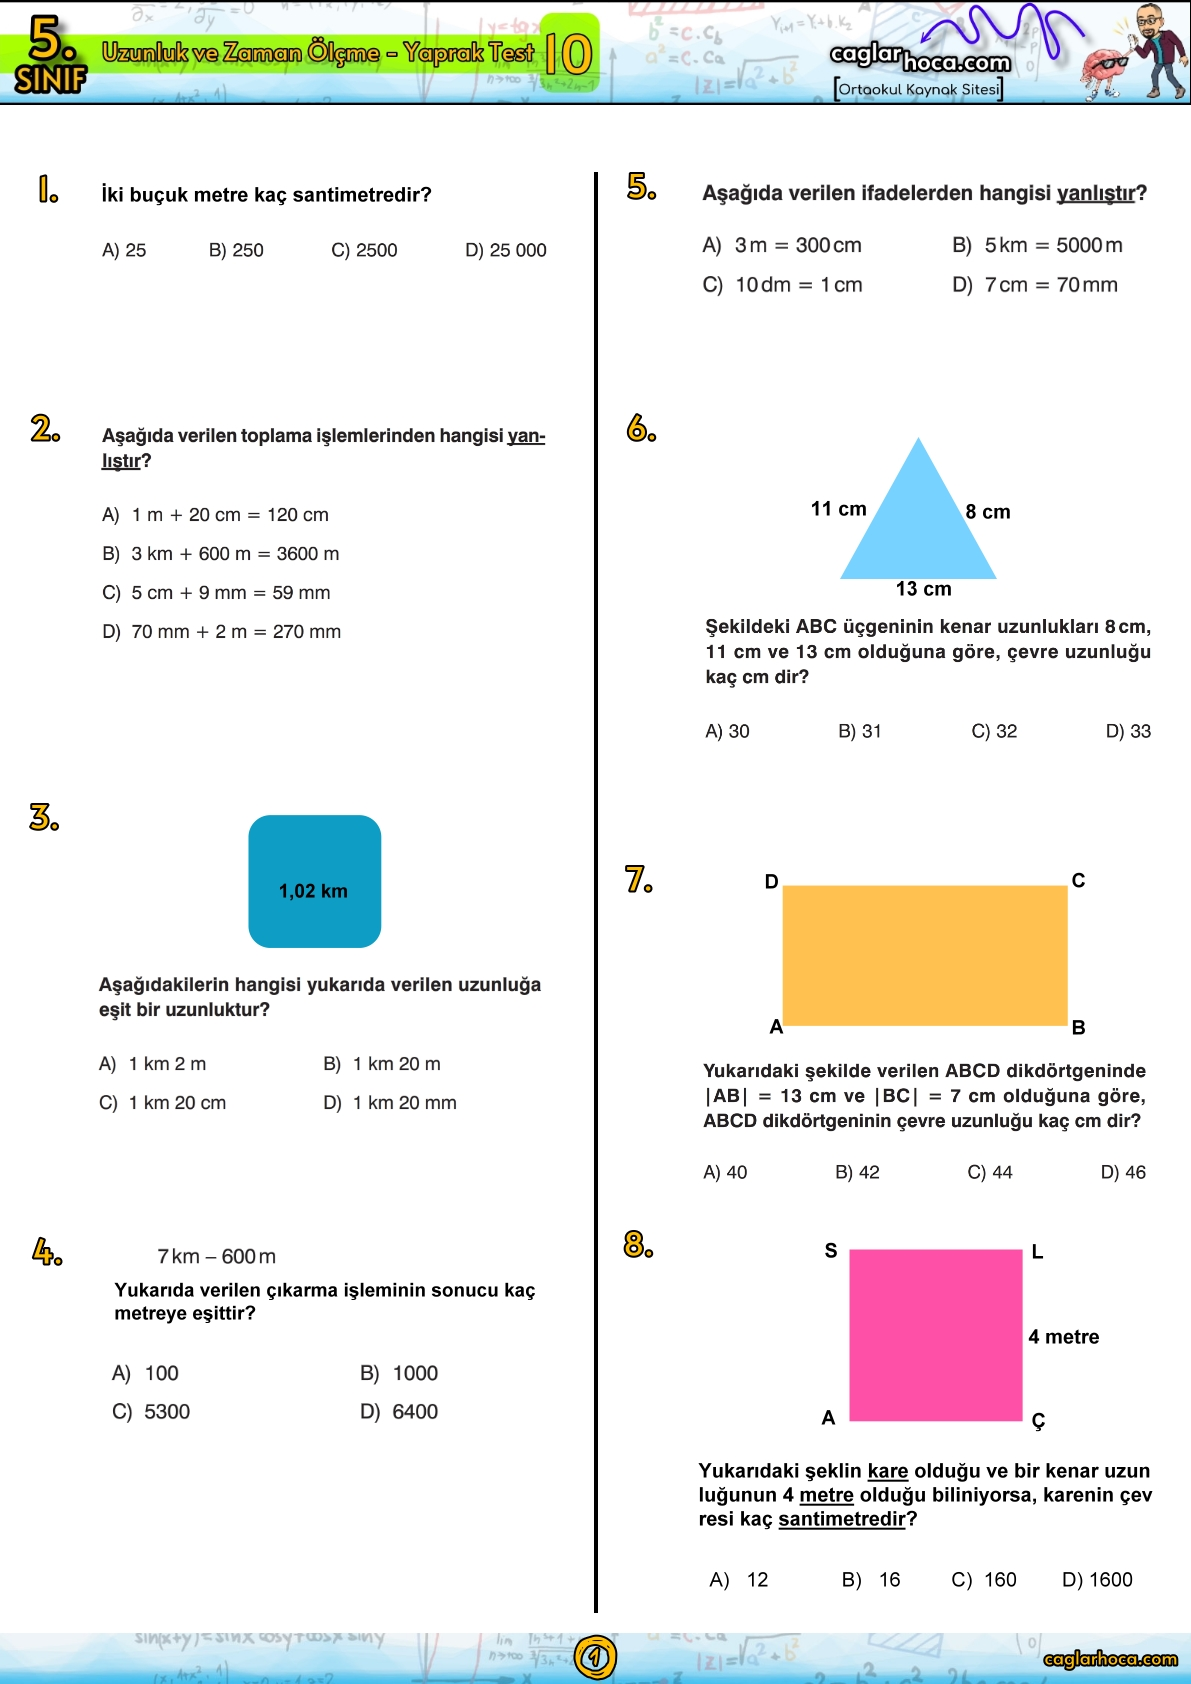 5.sınıf 10.Ünite Uzunluk ve Zaman Ölçme Yaprak Test